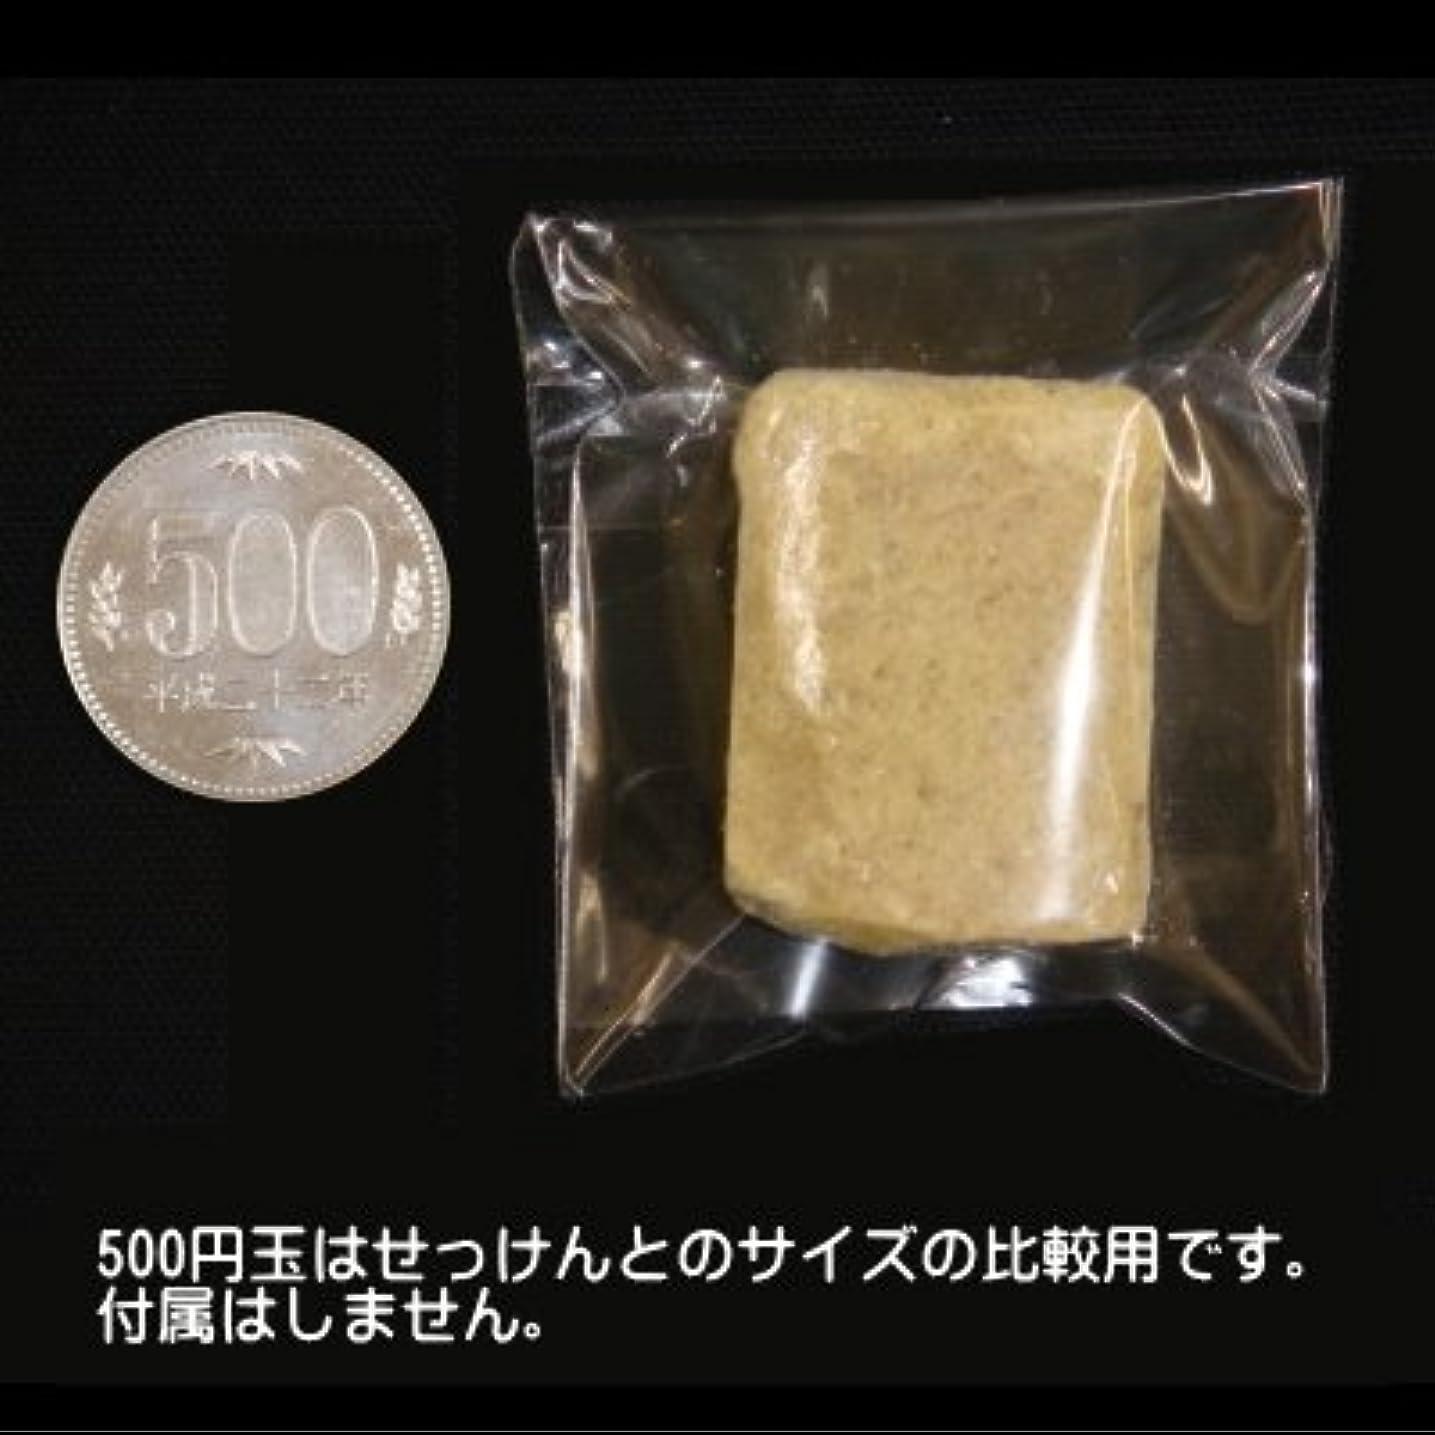 緑茶ノニ石鹸 てづくり野にせっけんお試し用12g(無添加石鹸)